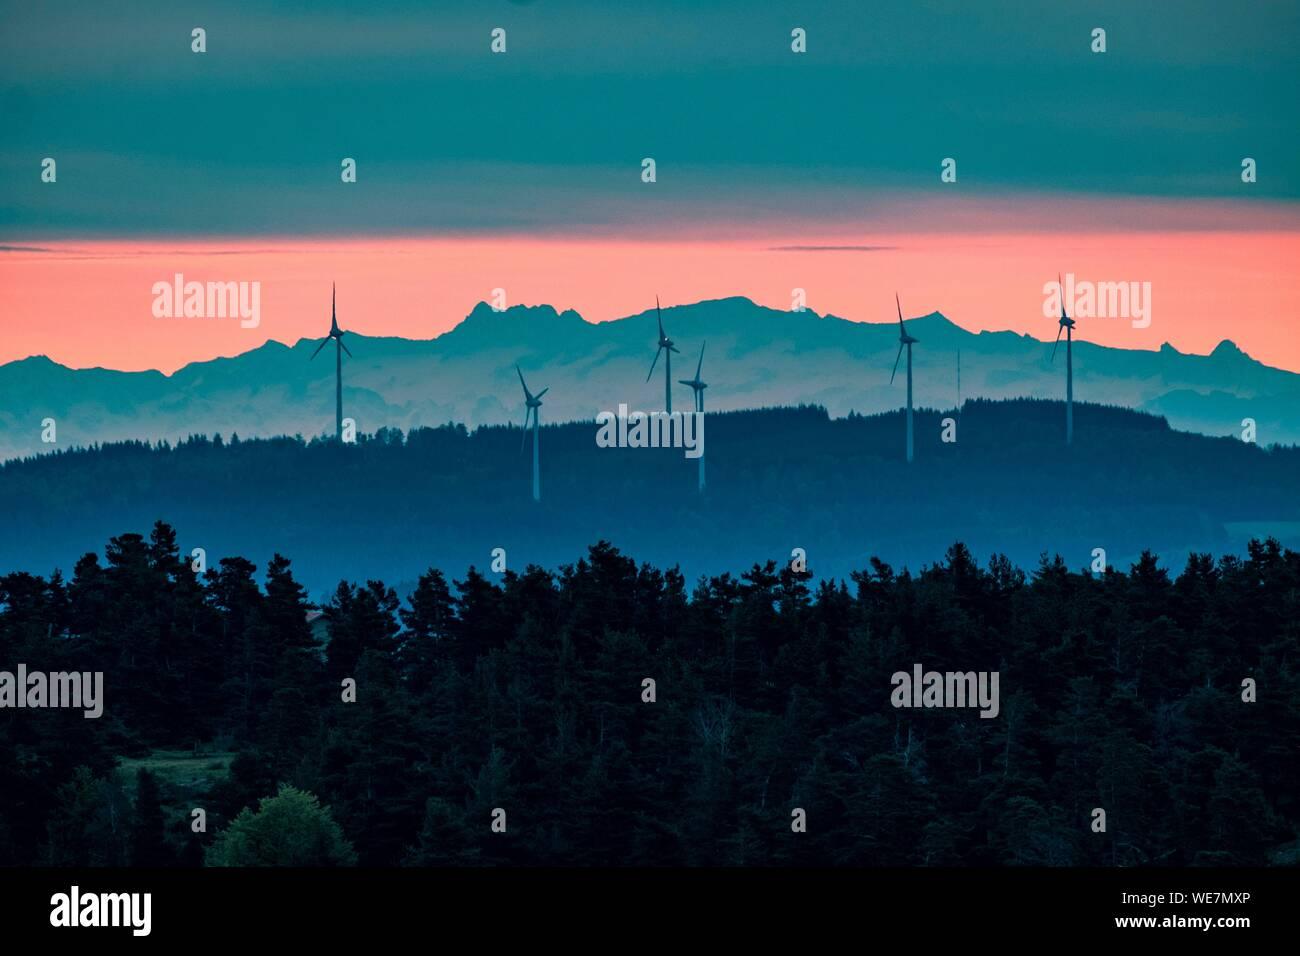 Francia, Ardèche, Parc Naturel Regional des Monts d'Ardeche (Regional reserva natural de los Montes de Ardèche), parque eólico ans Alpes montañas, Vivarais, absorben zona Foto de stock